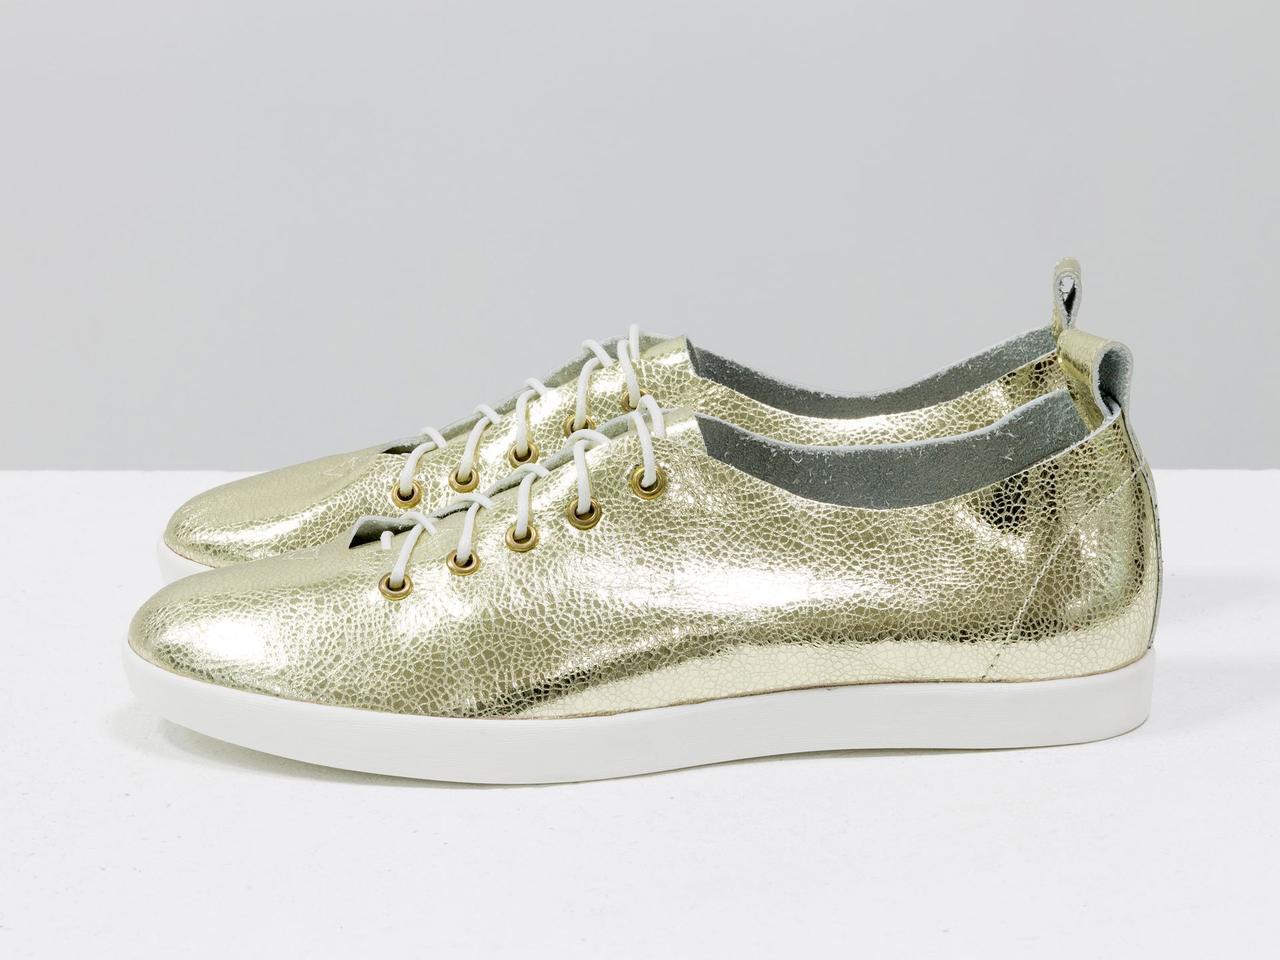 Невероятно легкие туфли-кеды из натуральной кожи золотого цвета на яркой белой подошве - фото 4